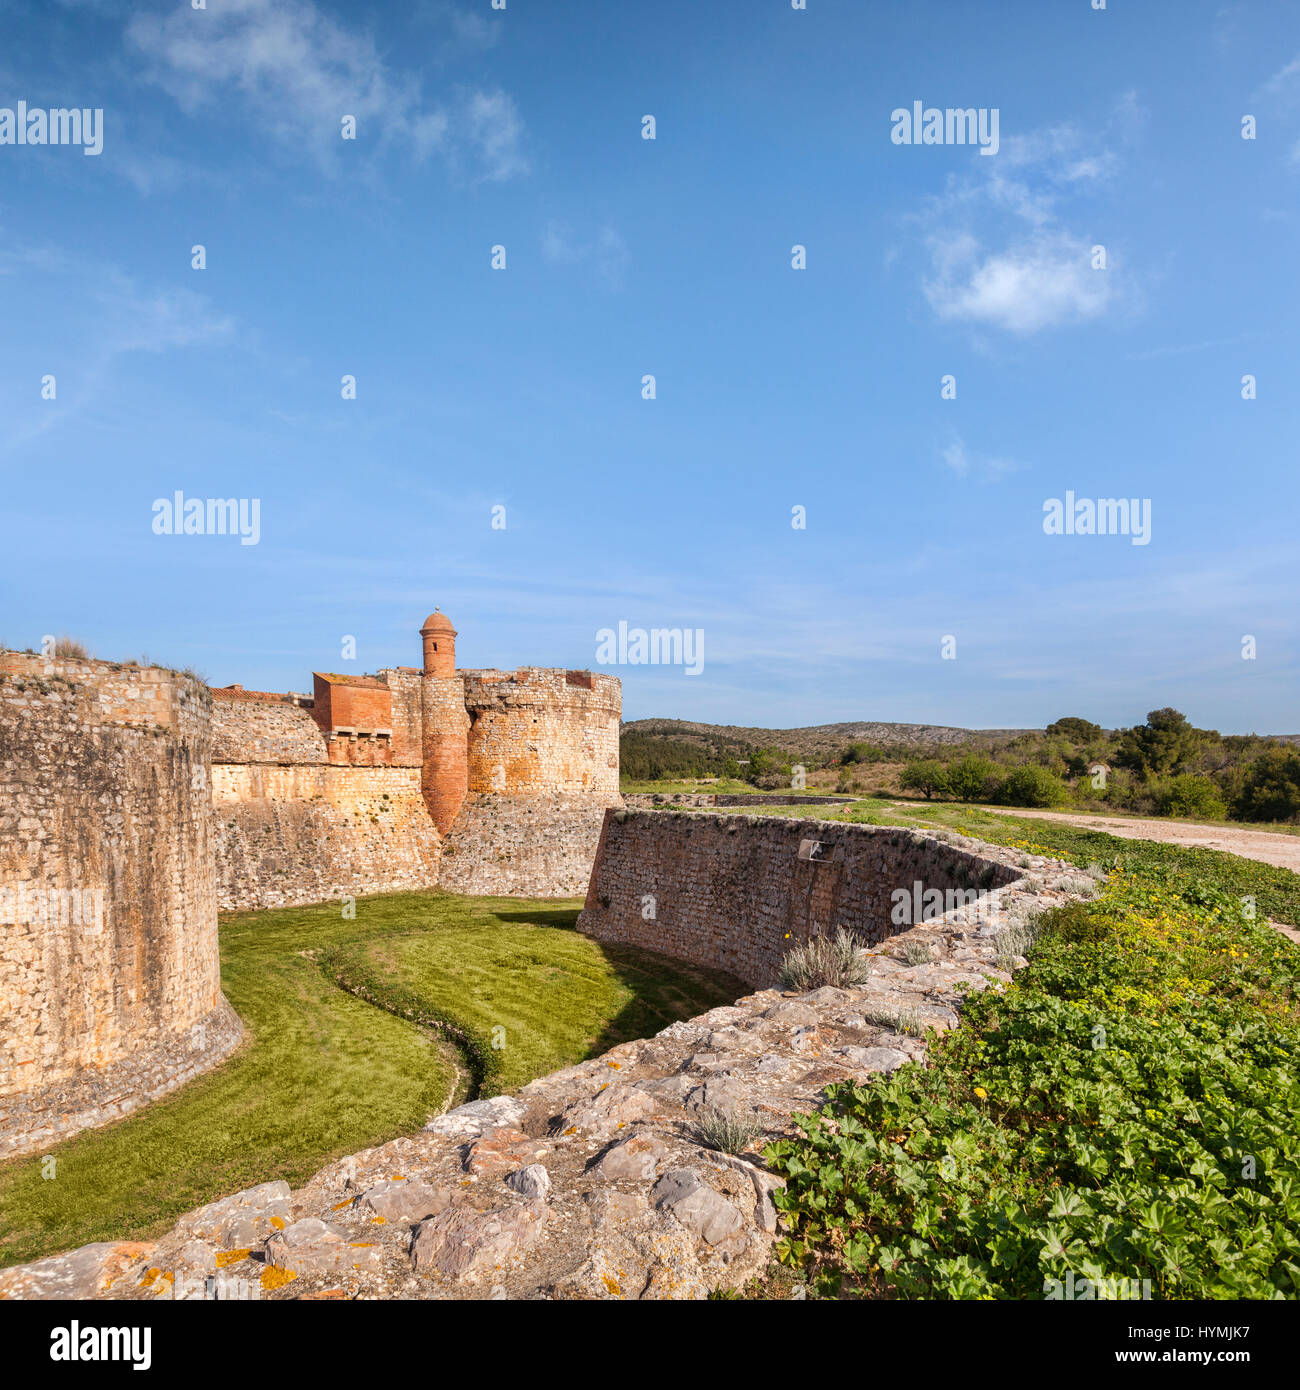 Festung von Salses-le-Chateau, Languedoc - Rousssillon, Pyrenäen Orientales, Frankreich. Stockbild